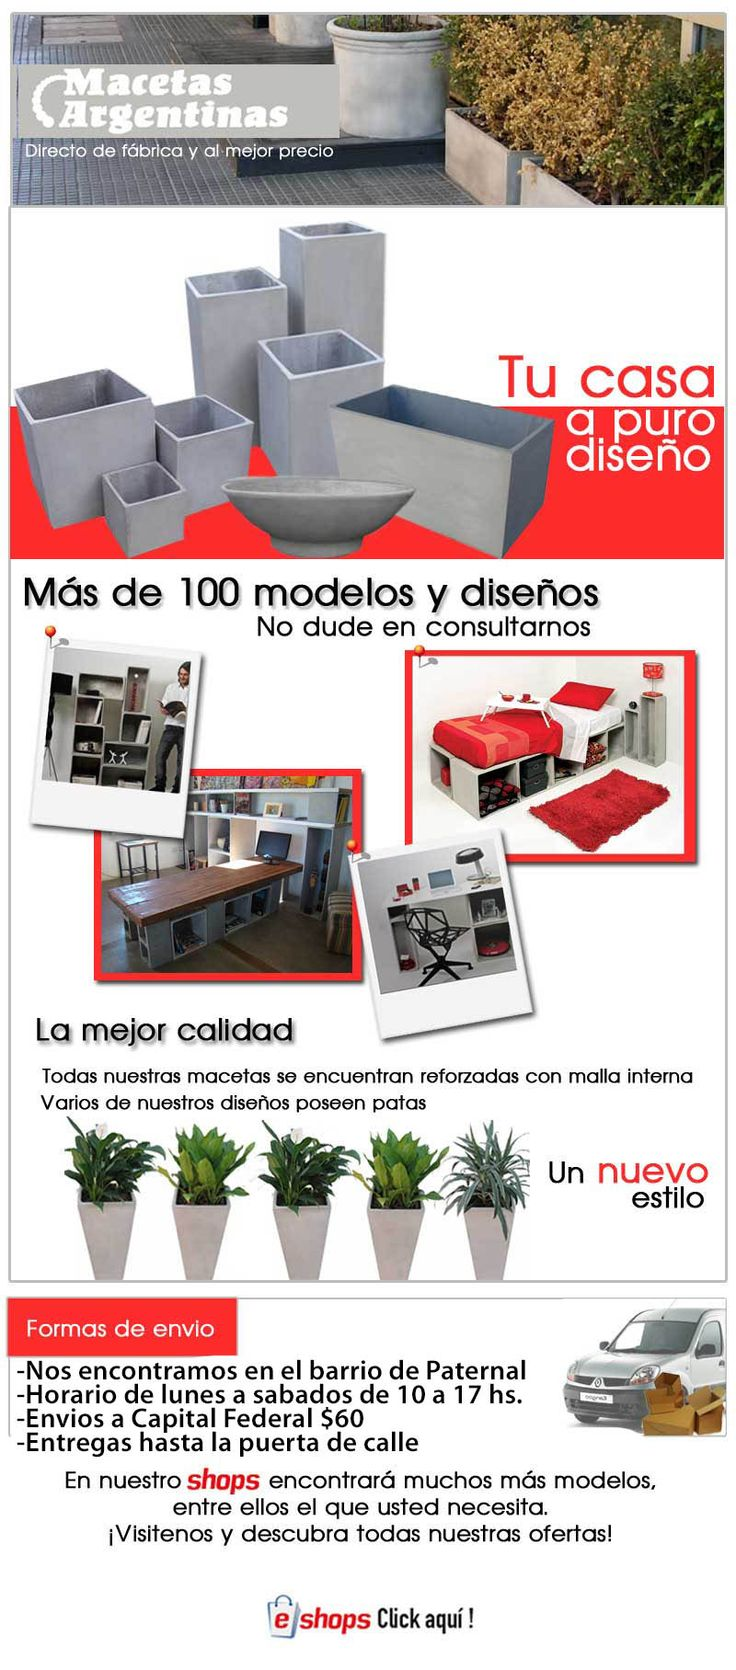 Macetas De Fibrocemento Esquineros 60x60x30 - $ 160,00 en MercadoLibre